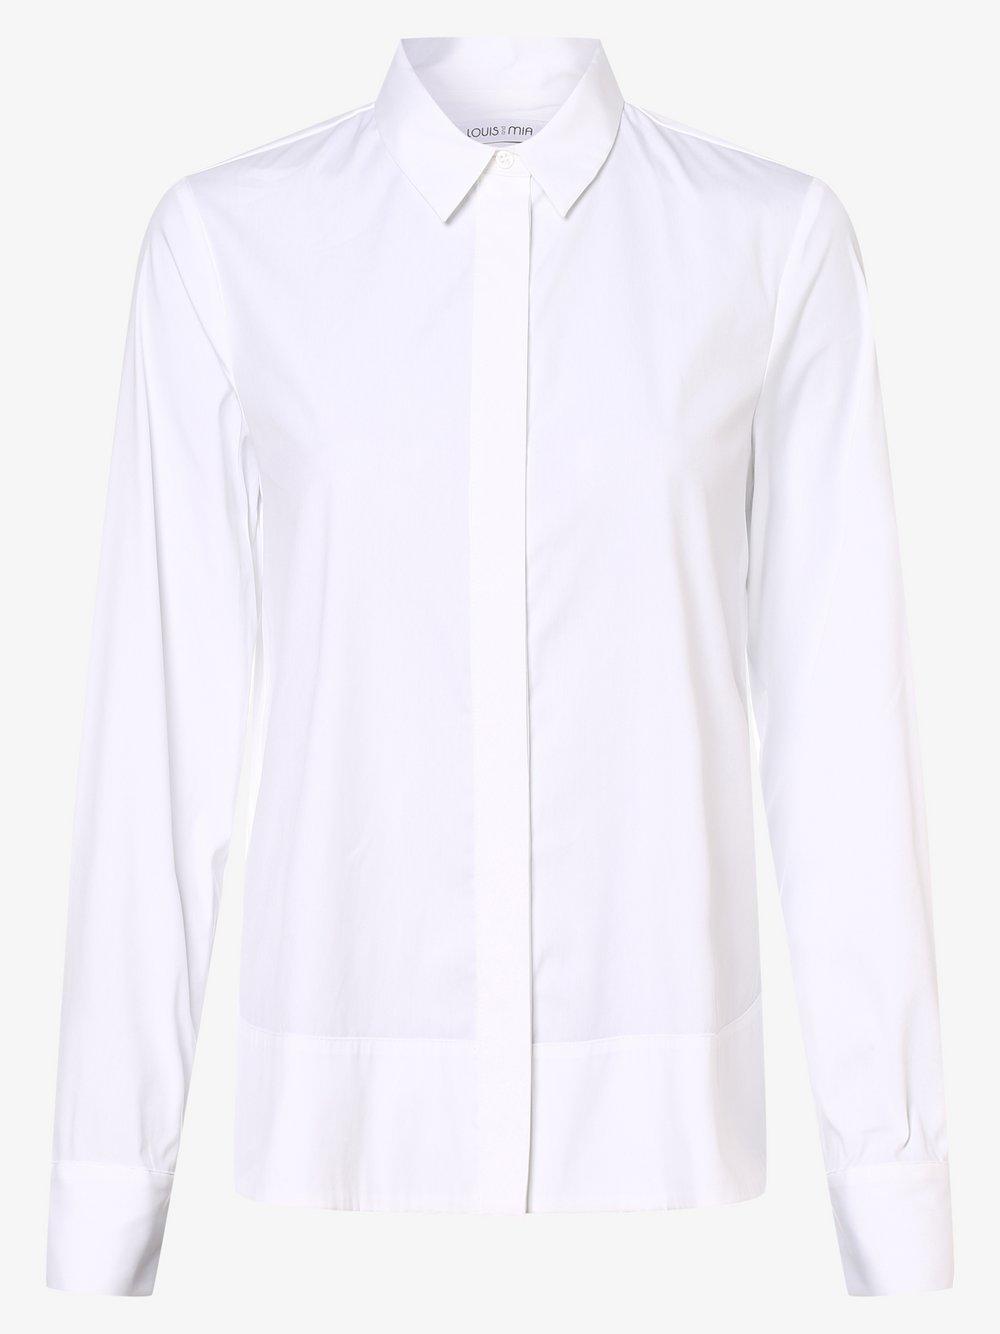 Louis & Mia – Bluzka damska, biały Van Graaf 486759-0001-00360